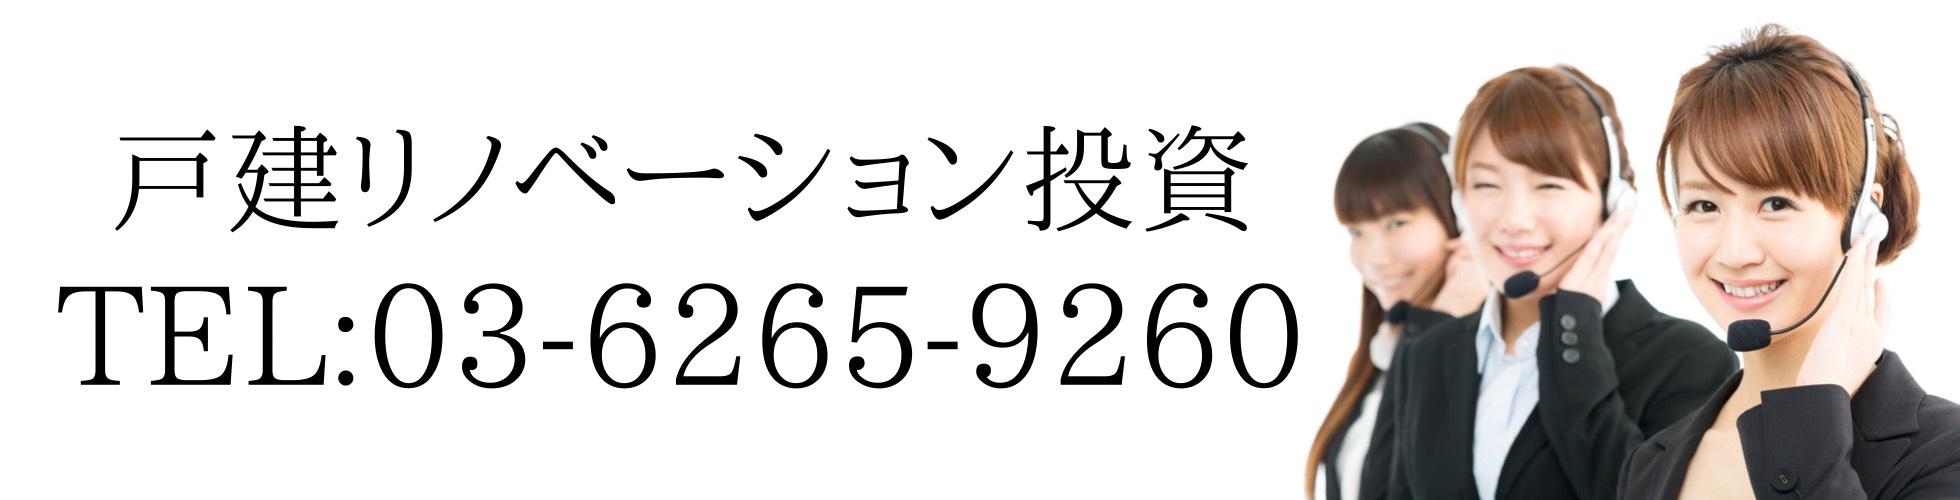 居住支援不動産投資 区分所有マンション 電話番号